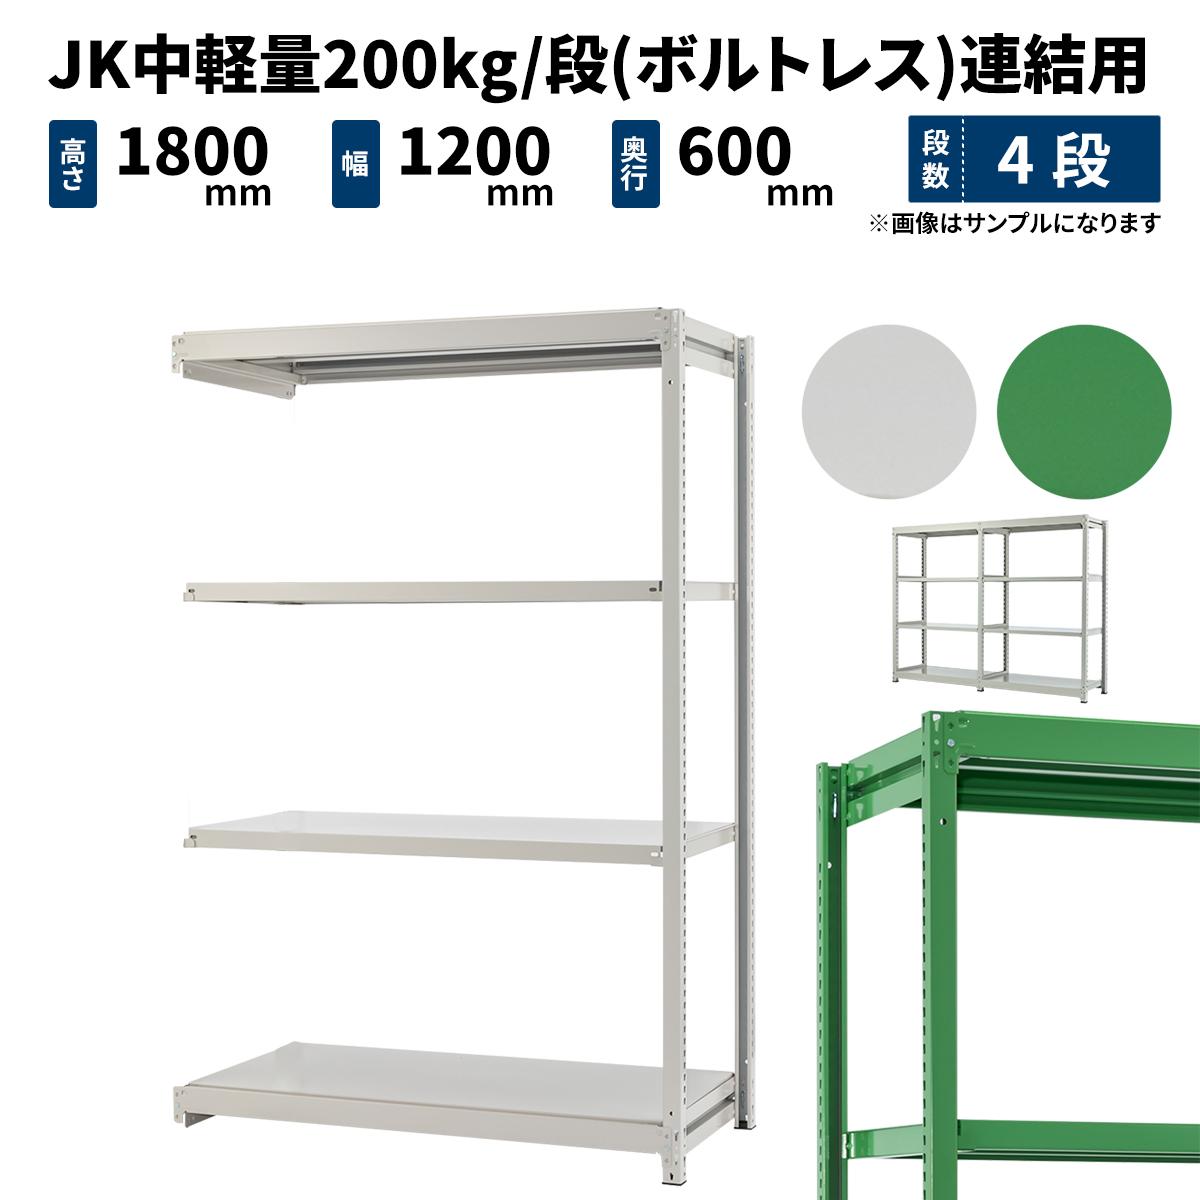 スチールラック 業務用 JK中軽量200kg/段(ボルトレス) 連結形式 高さ1800×幅1200×奥行600mm 4段 ホワイトグレー/グリーン (44kg) JK200_R-181206-4